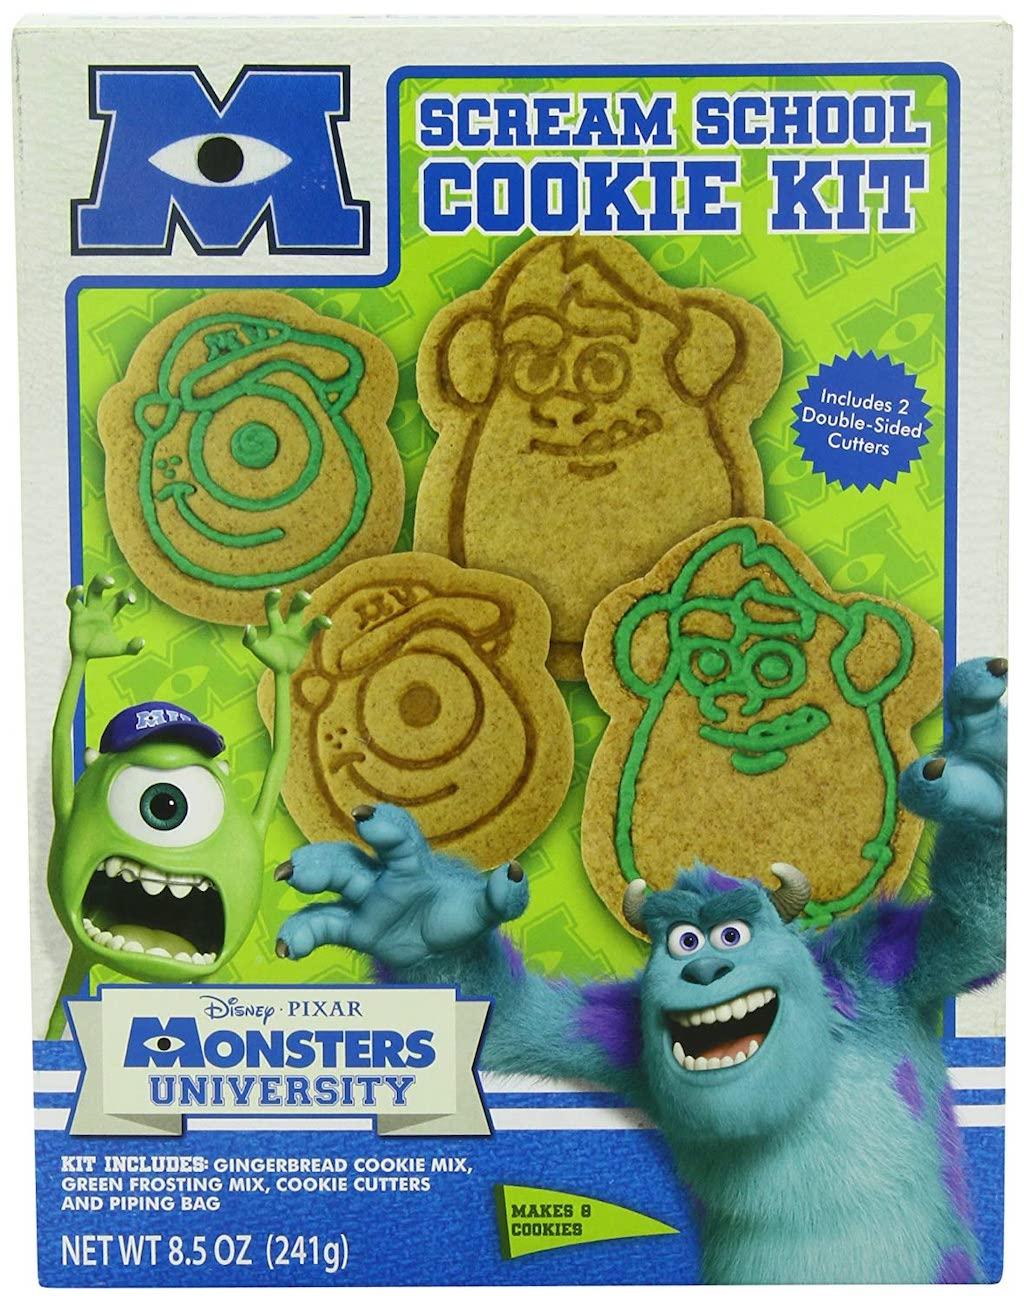 Disney Pixar Monsters University Scream School Cookie Kit Backmischung Halloween